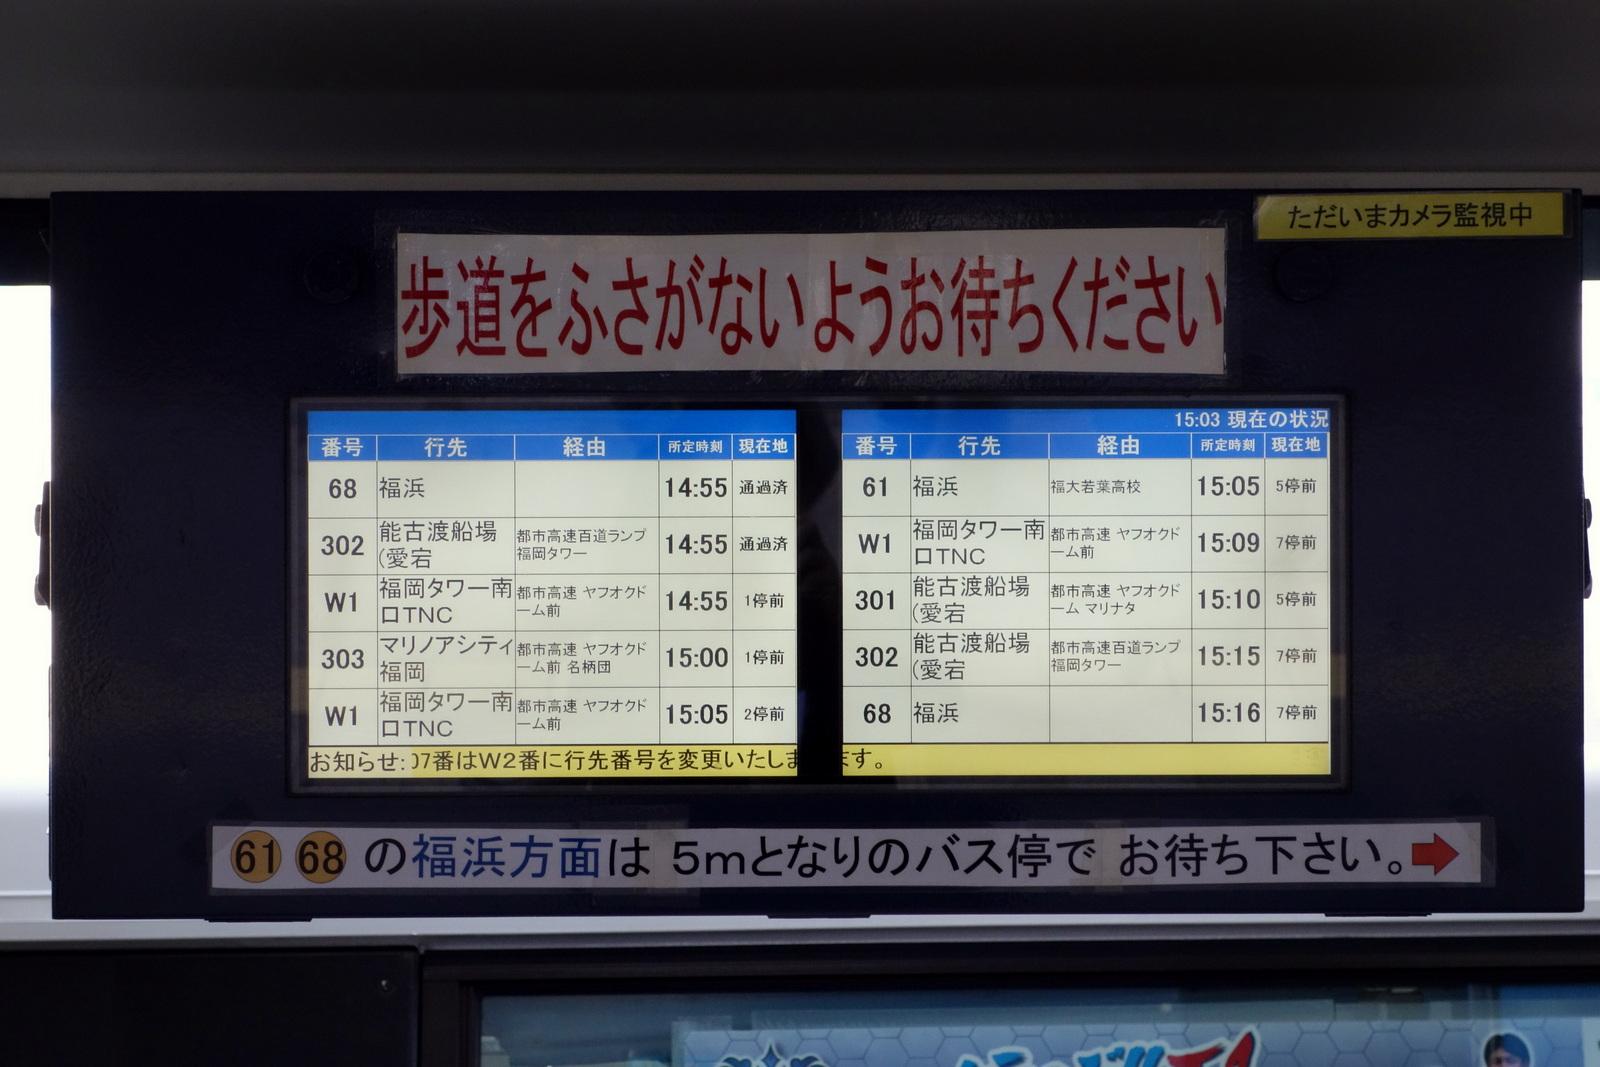 このバス停は運行状況が表示されていますので、早く着きそうな方に乗ってください。